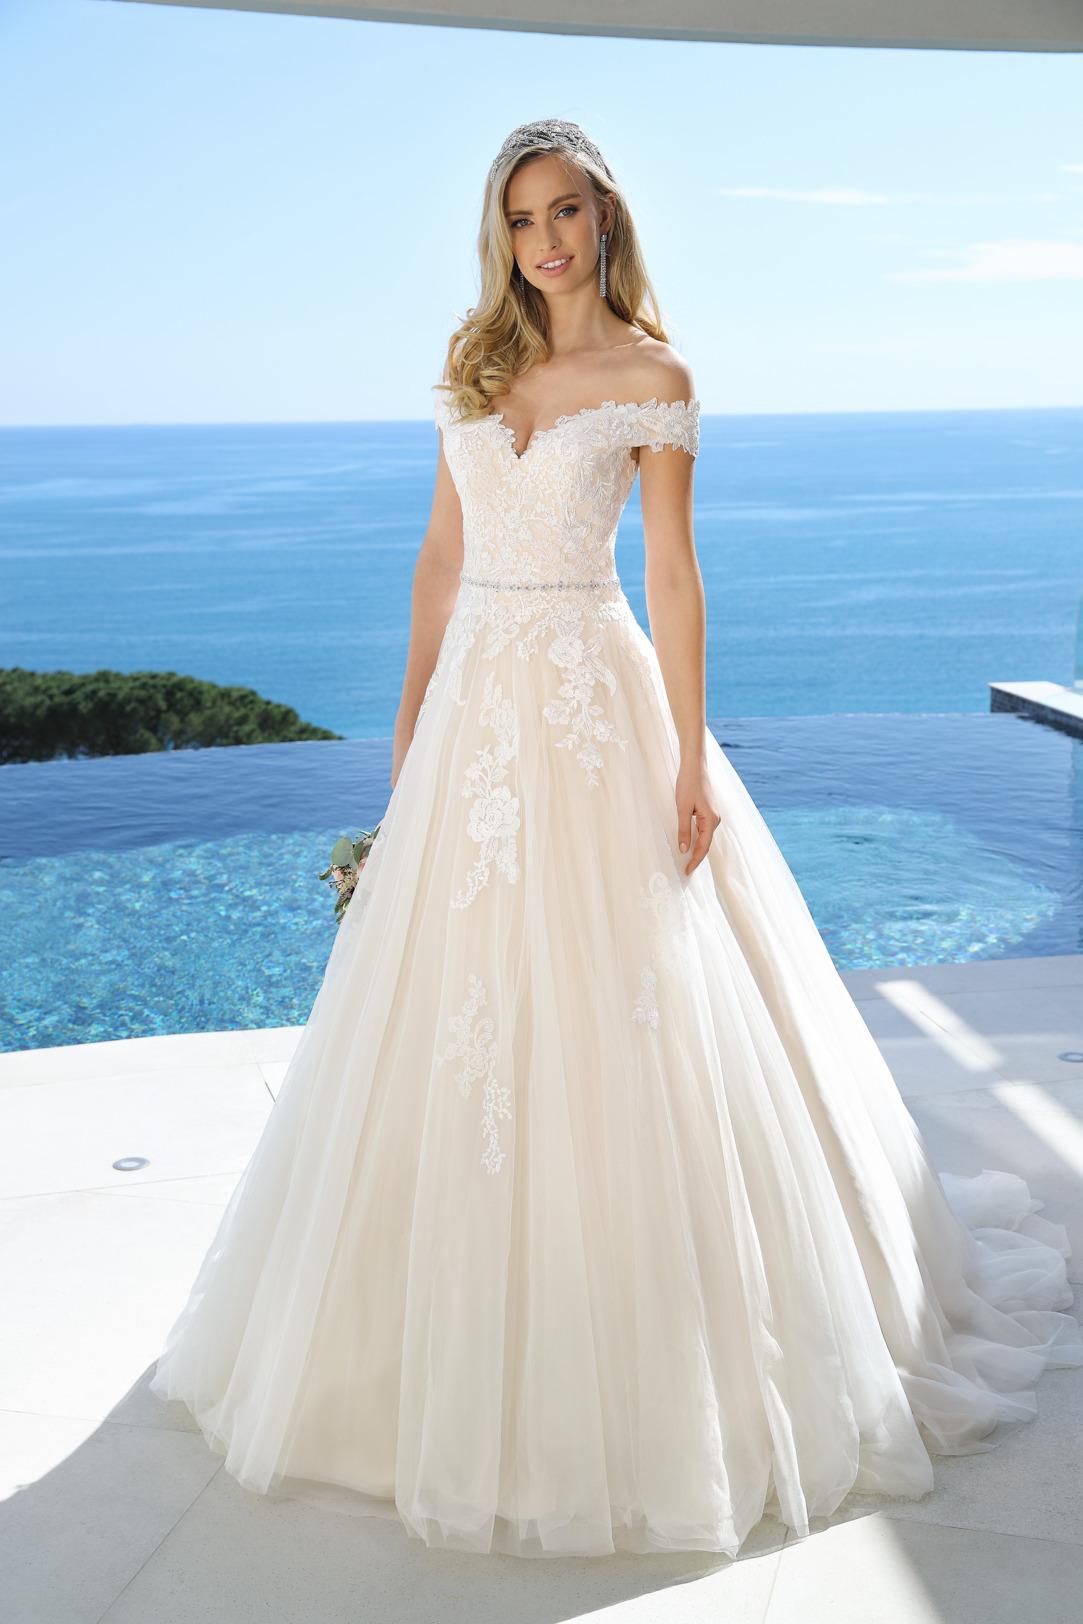 Brautkleider Hochzeitskleider in klassischer A Linie von Ladybird Modell 421023 feinste Spitzen Applikationen am Oberteil und Rock mit dekorativem Carmen Ausschnitt und weitem Organza Rock